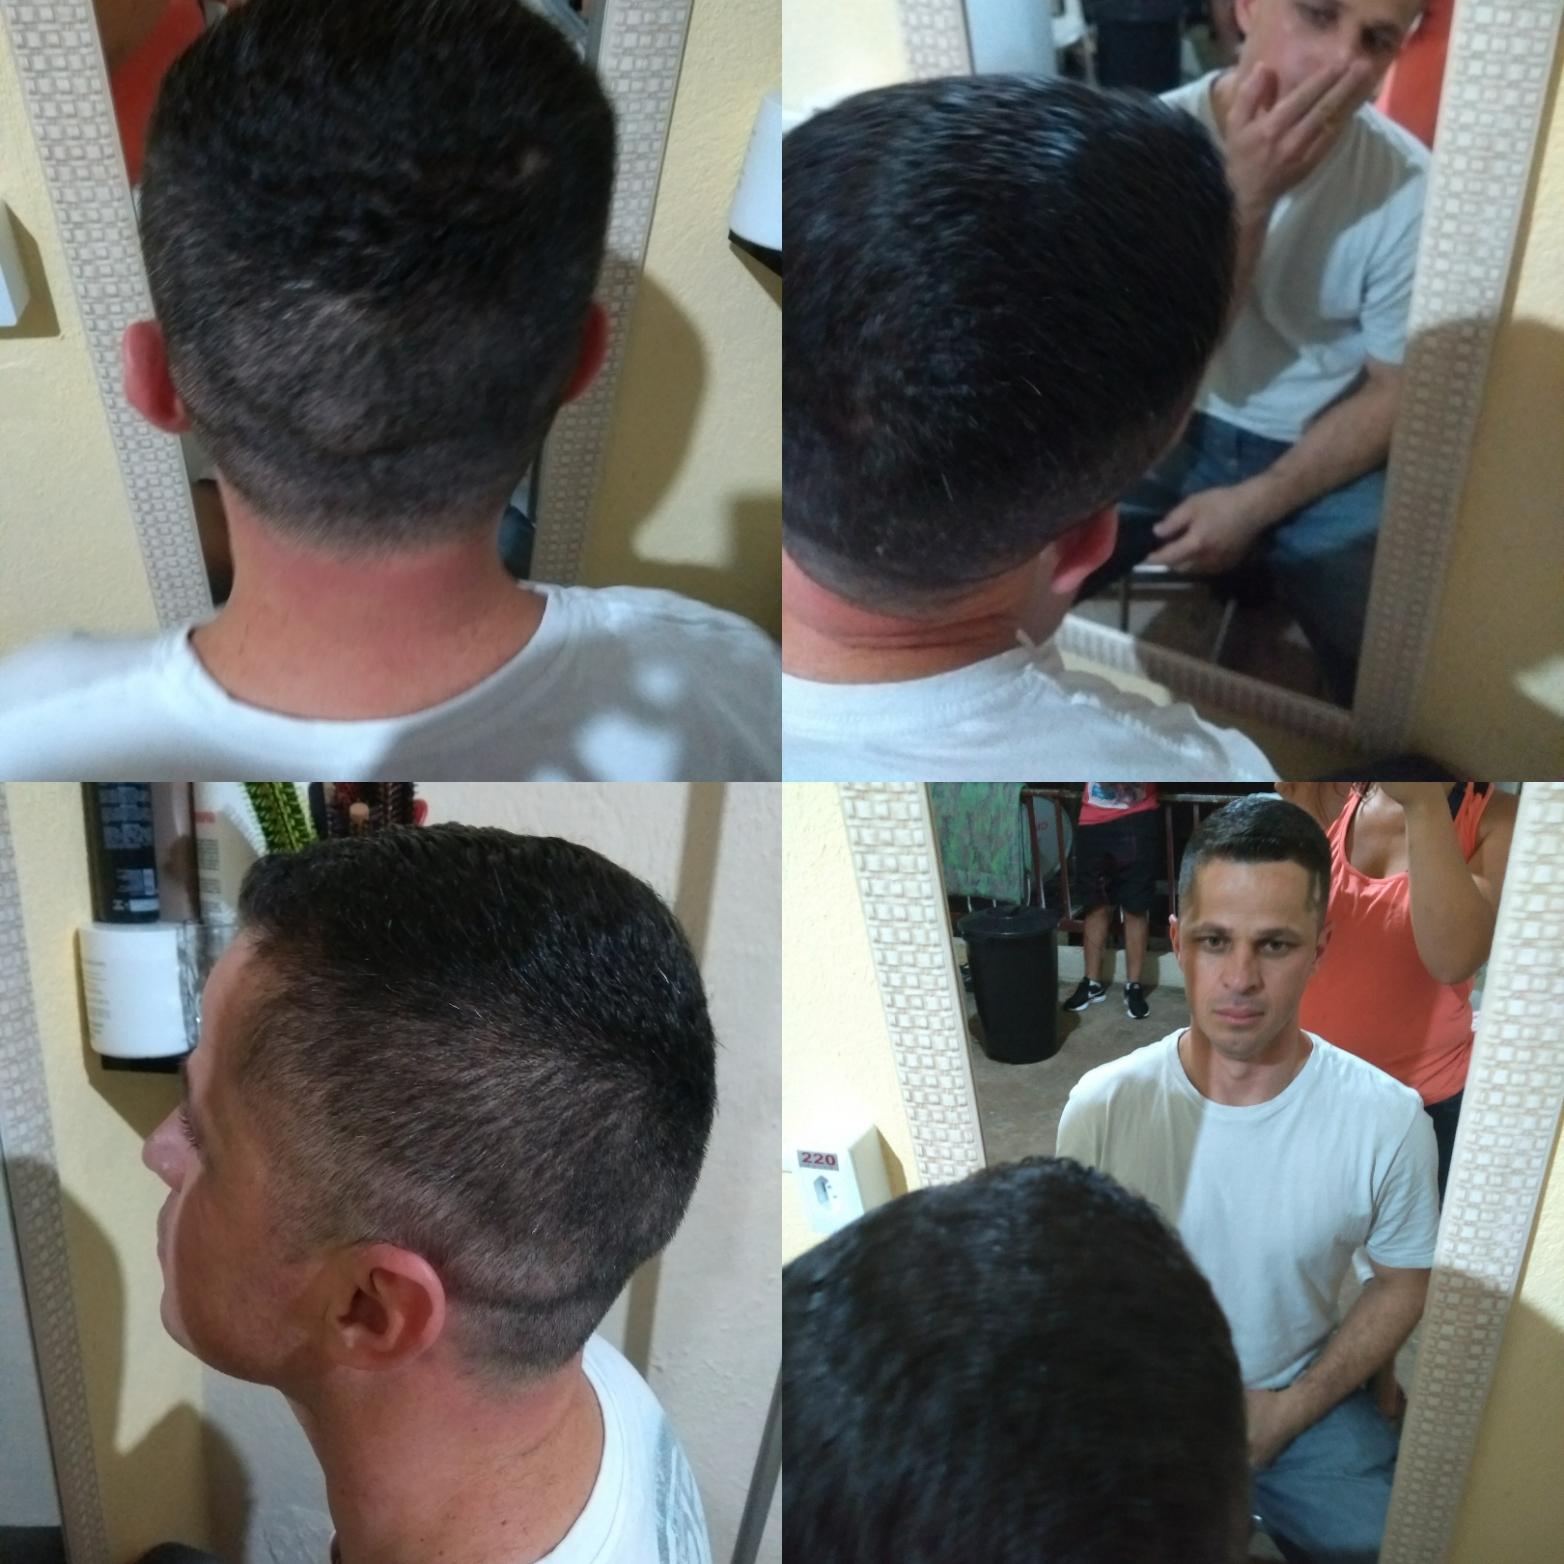 Corte masculino com disfarce  cabelo estudante (cabeleireiro) auxiliar administrativo manicure e pedicure recepcionista